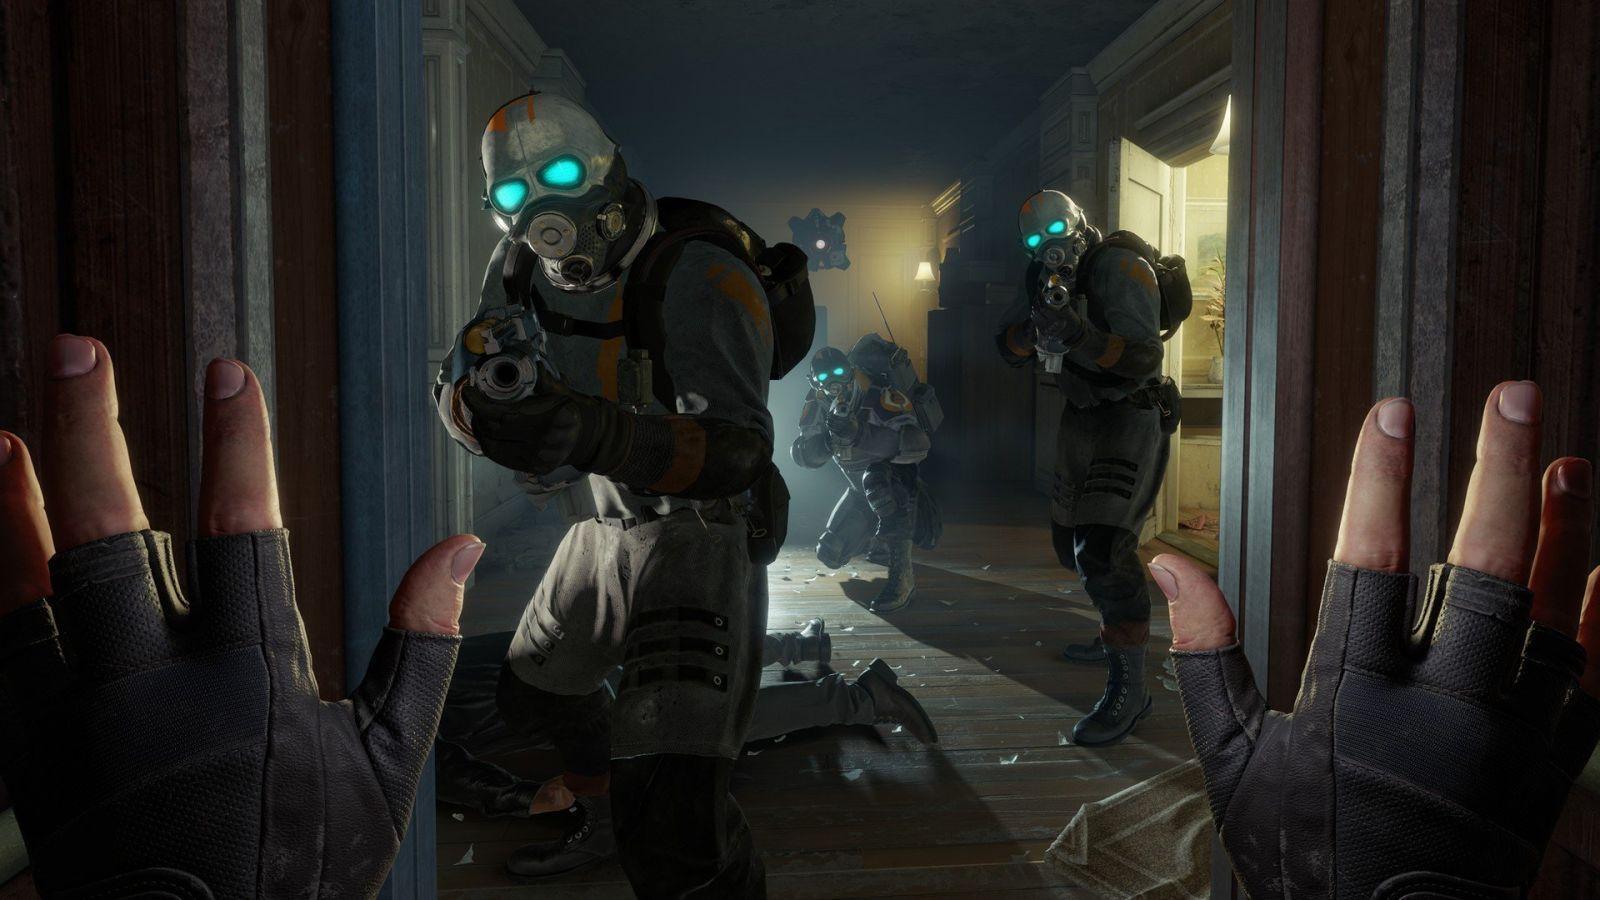 Для Half Life Alyx выпустили мод с которым можно пройти игру без VR-шлема (1574359574 7509)